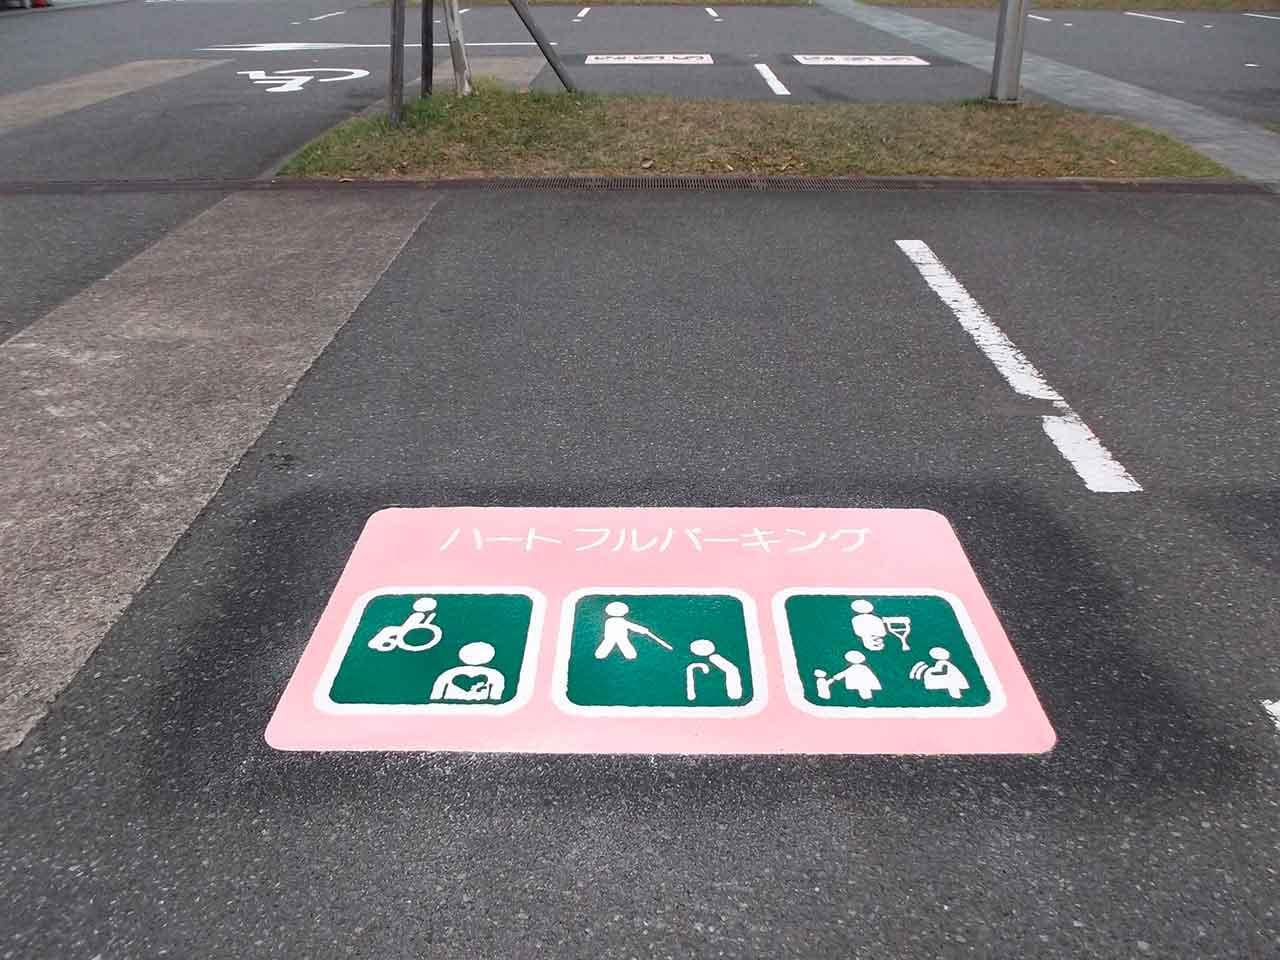 優先駐車マーク 【ハートフルパーキング】